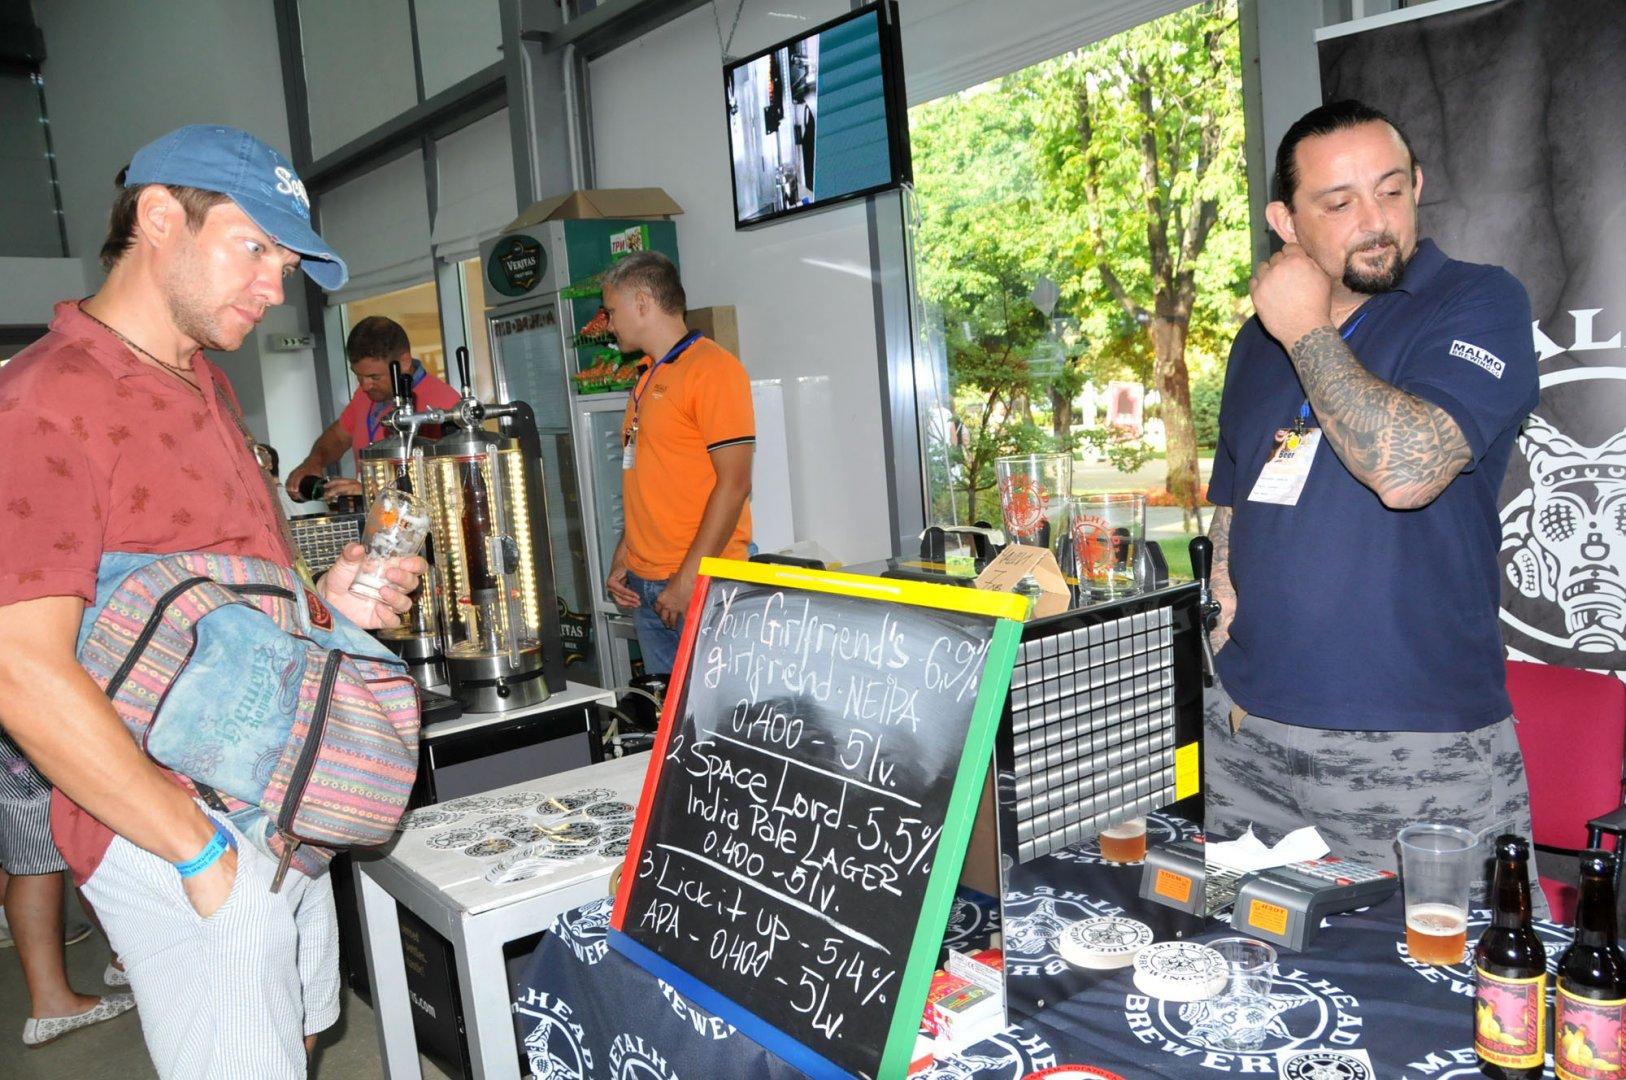 Metalhead Brewery е най-младата пивоварна, която участва на изложението. Снимки Лина Главинова